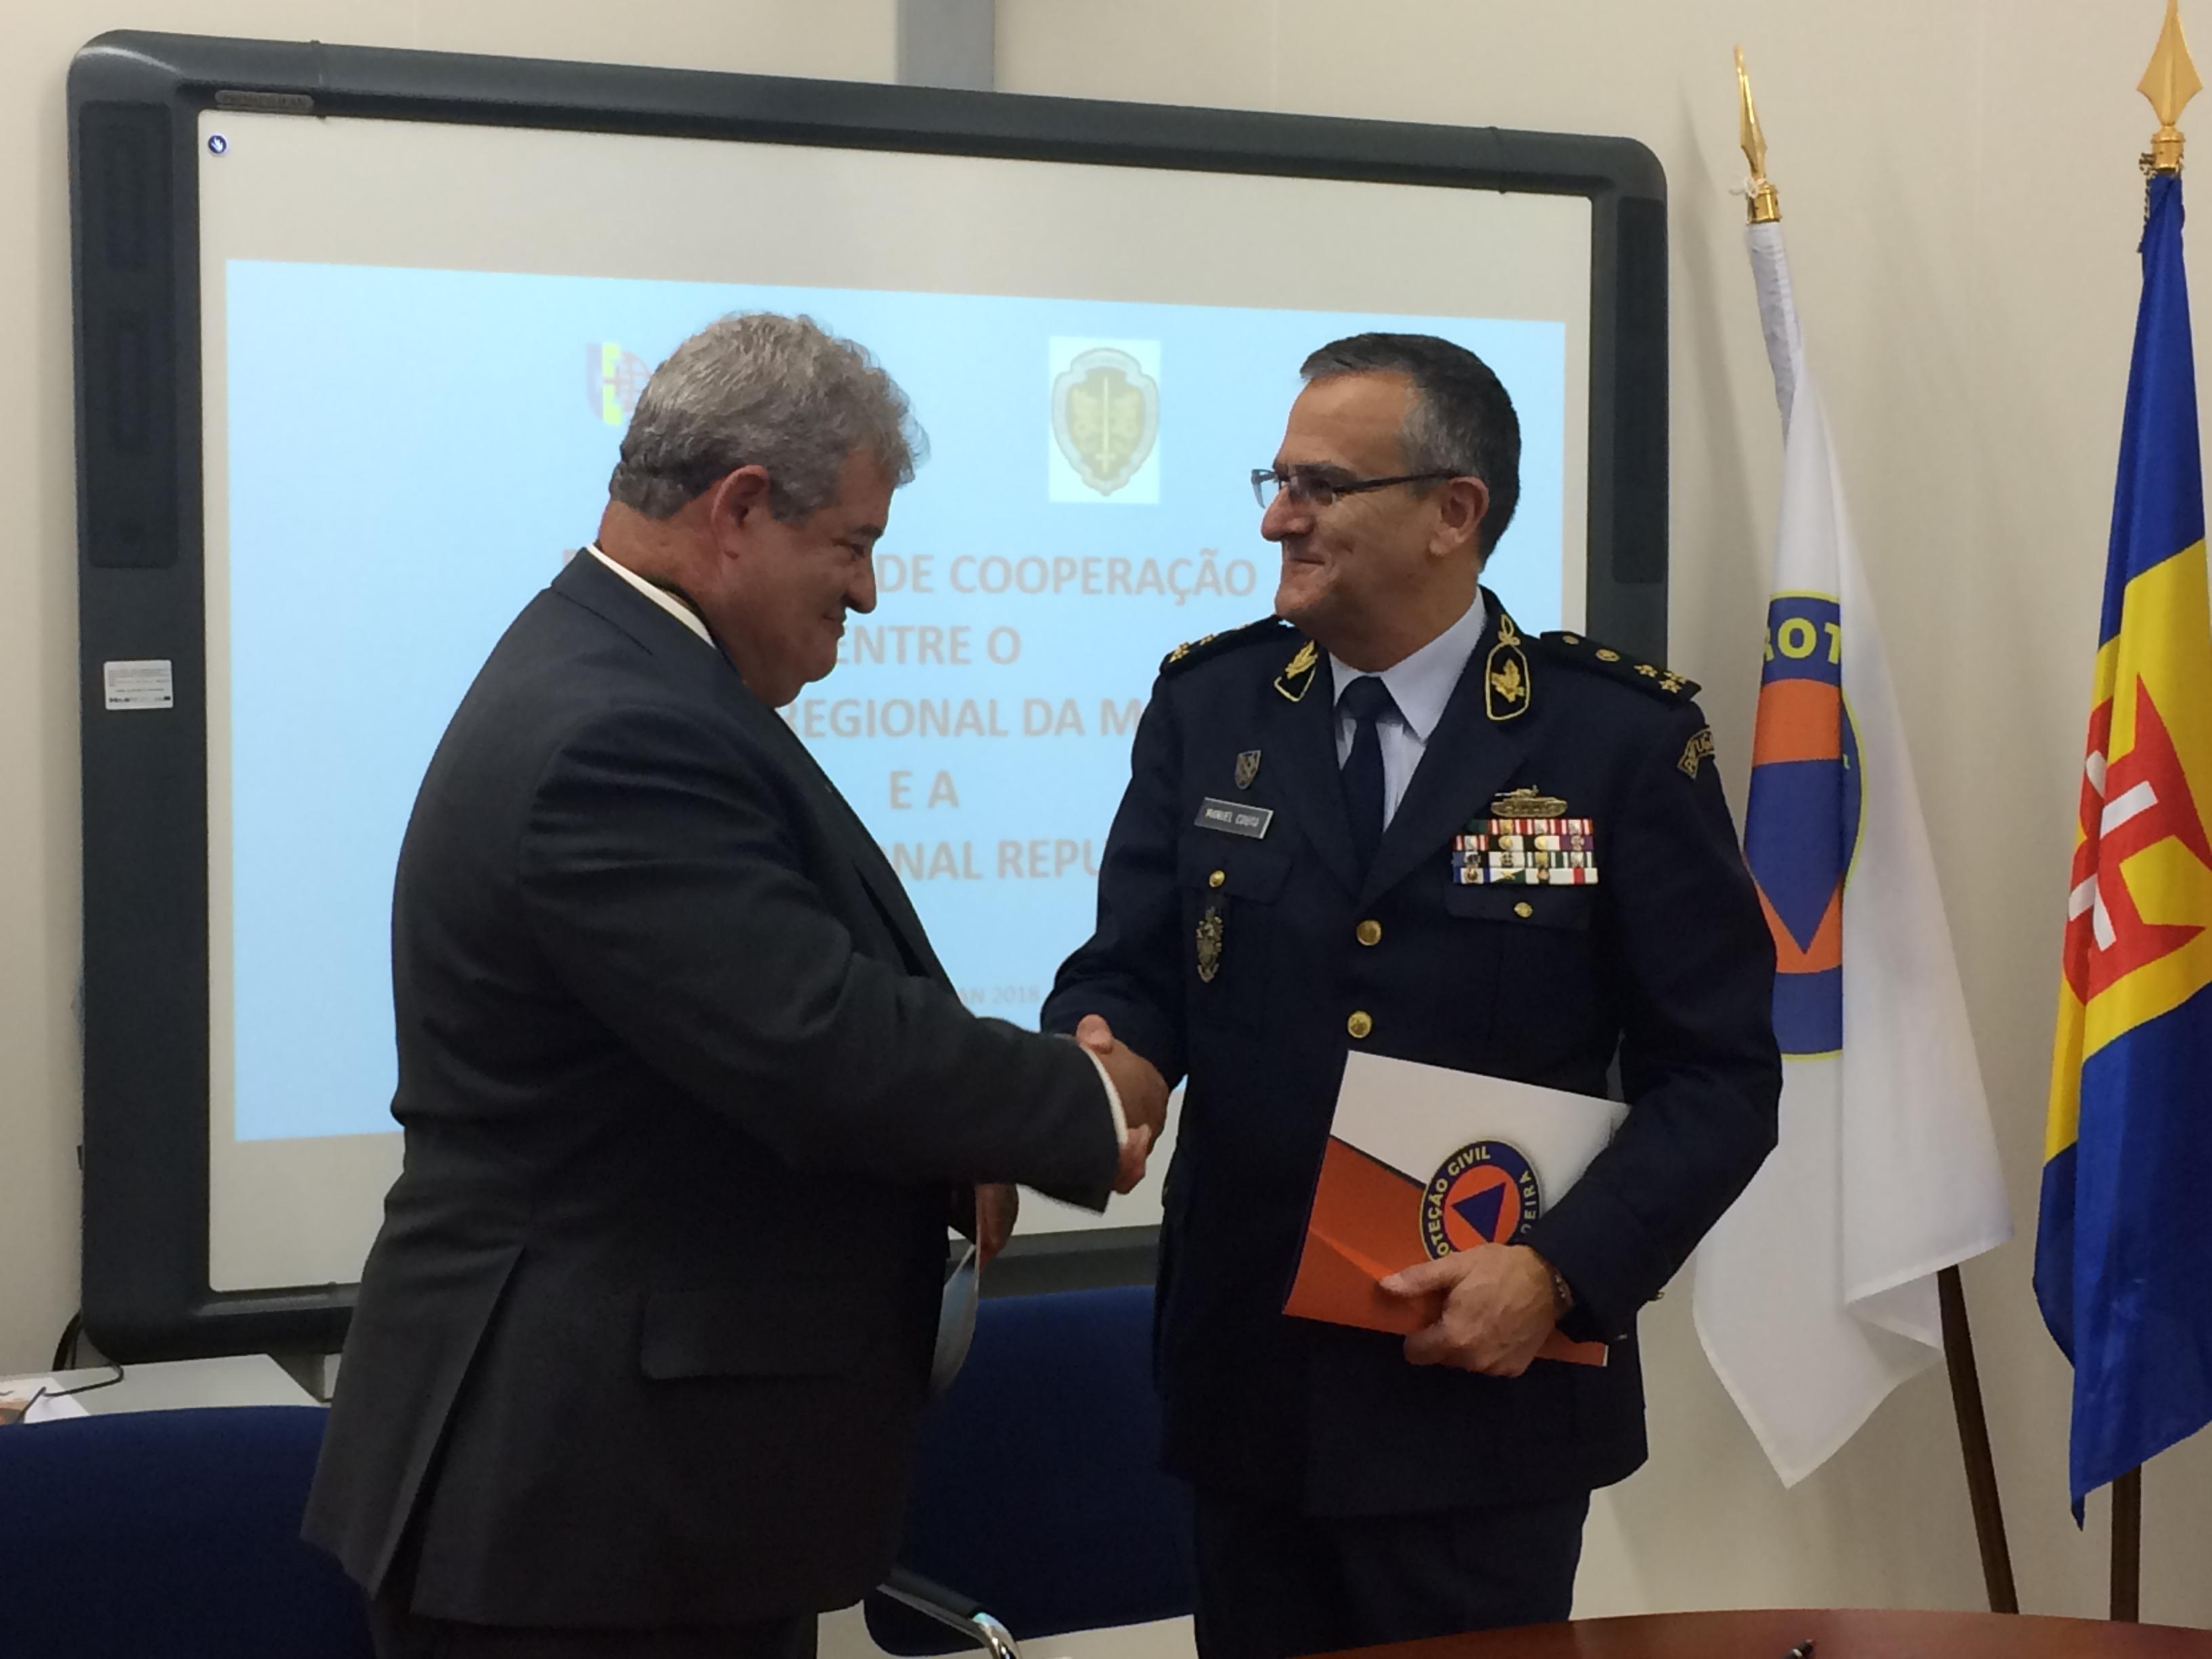 Governo reforça cooperação na proteção e socorro com a GNR